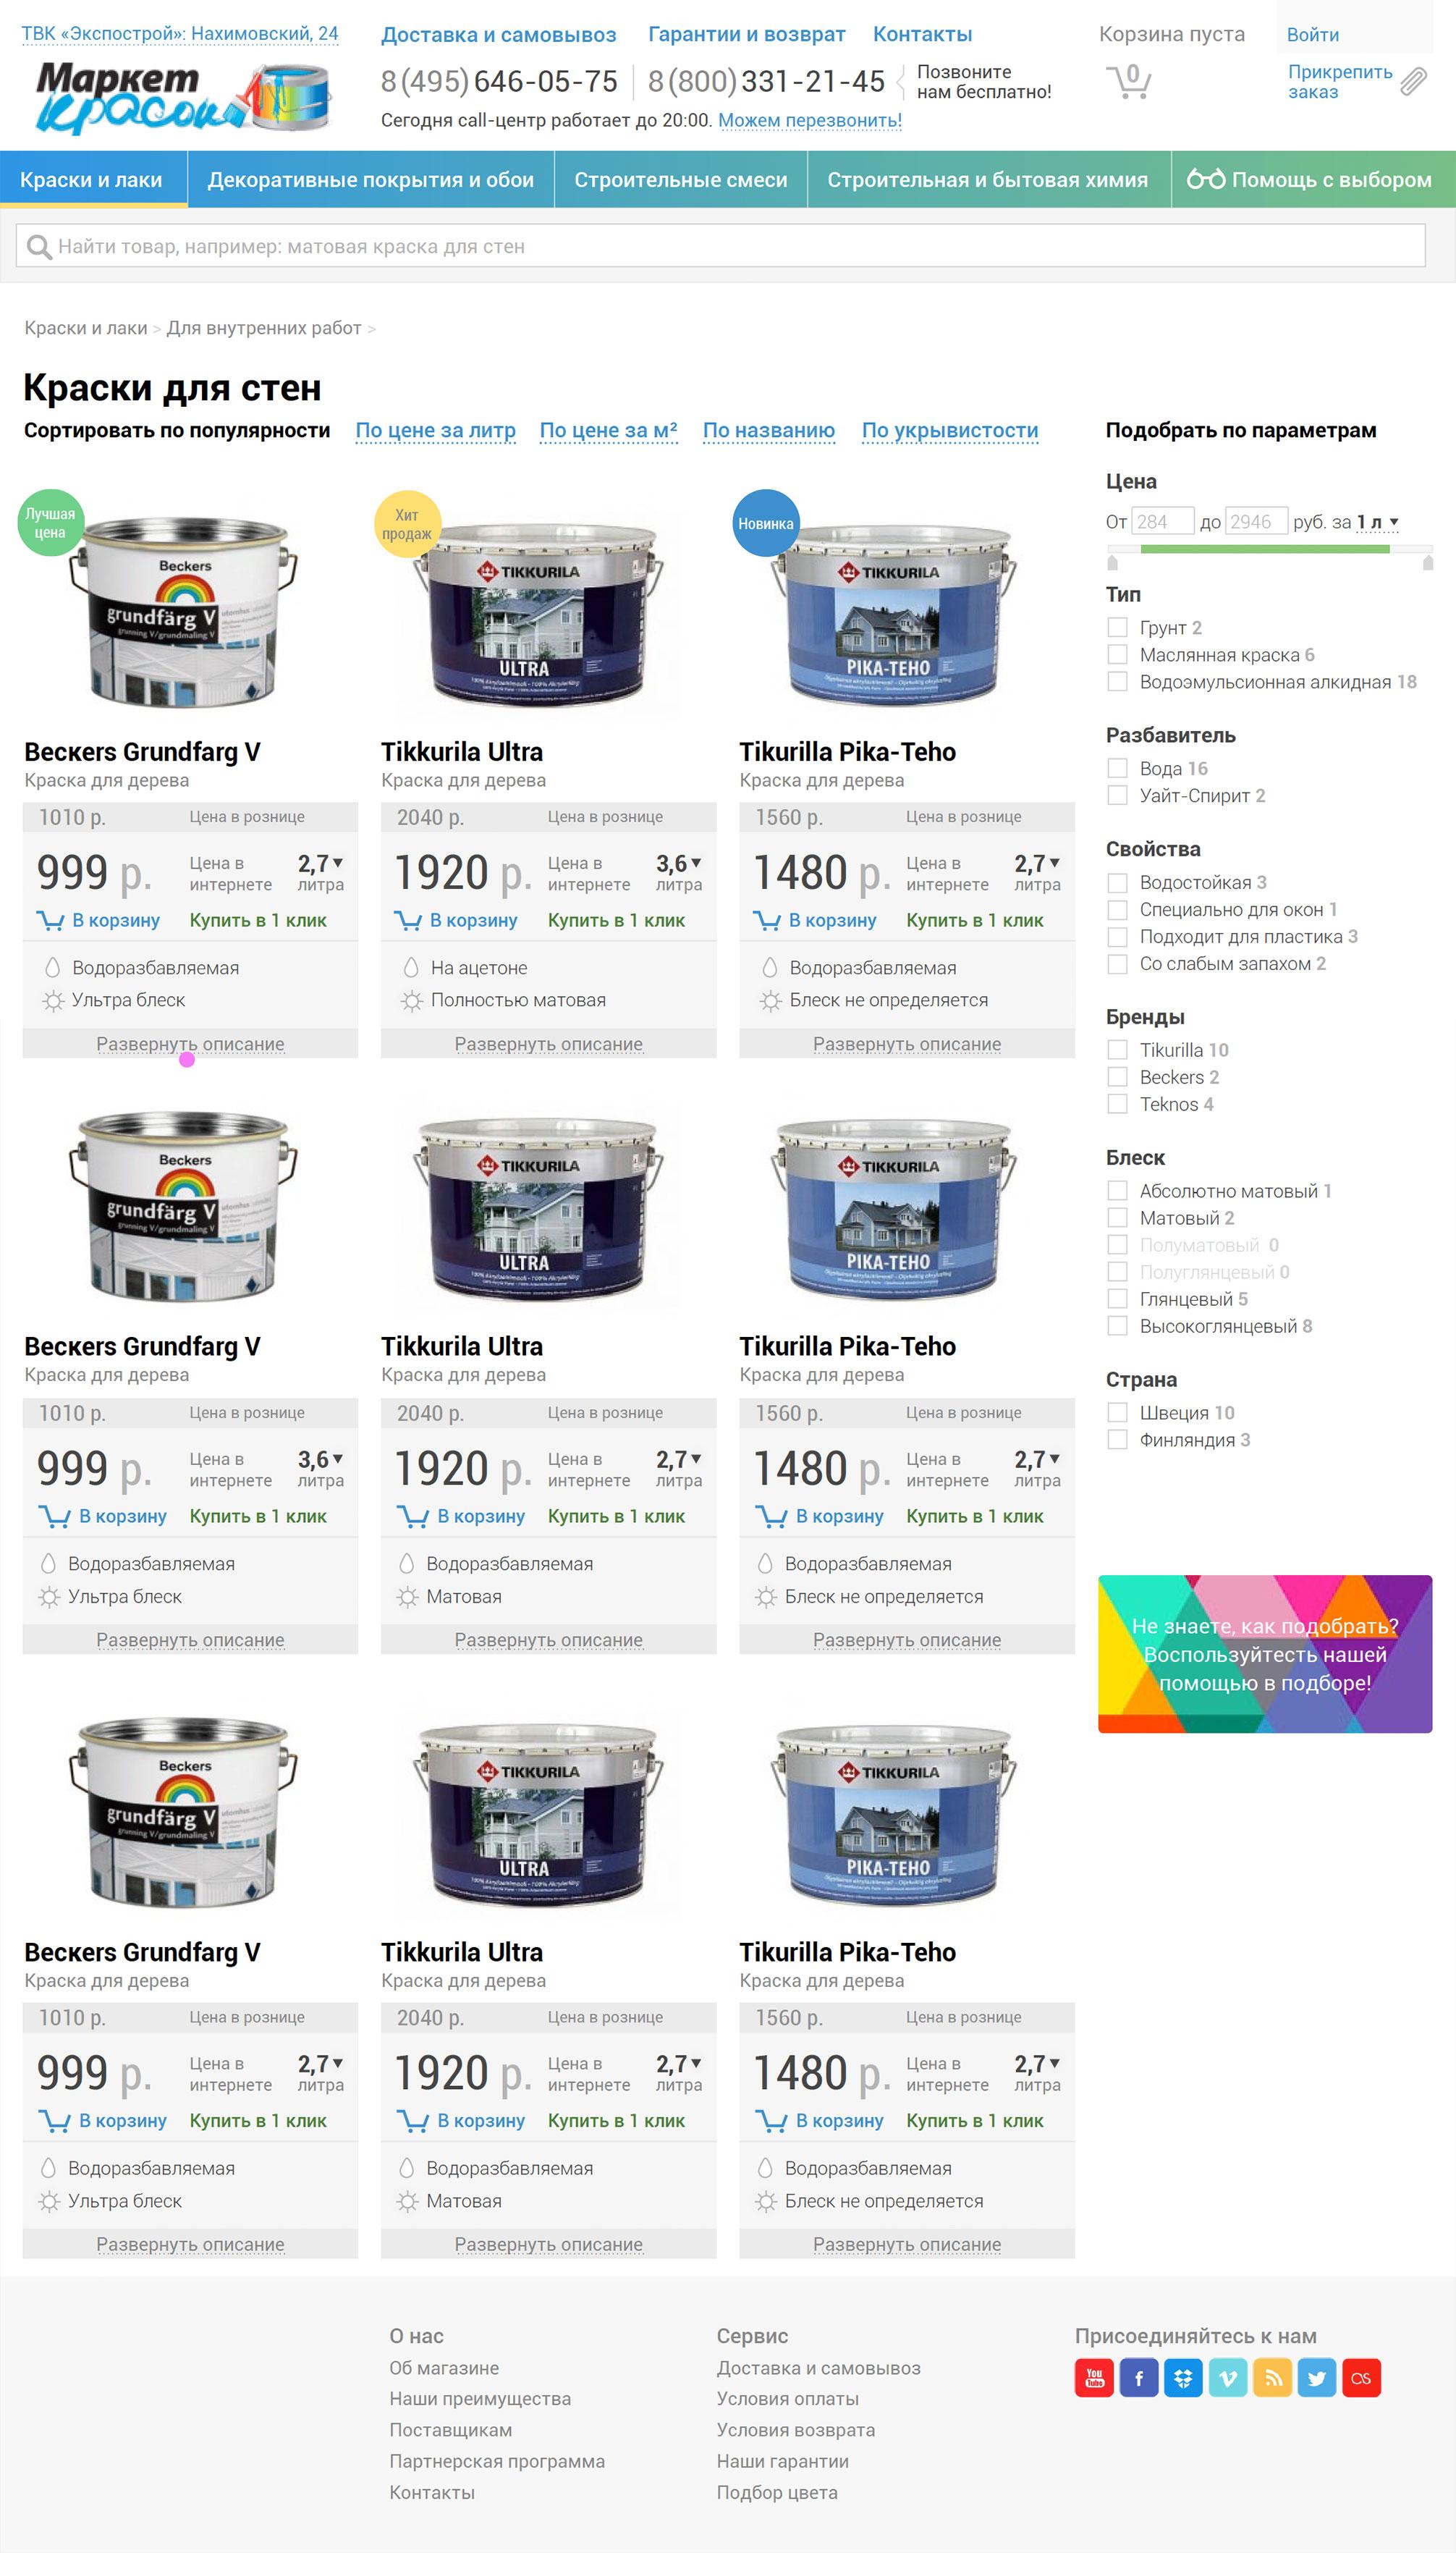 Ключевой экран любого интернет-магазина — каталог товаров: идеальный баланс между возможностями поиска и информацией по каждому товару